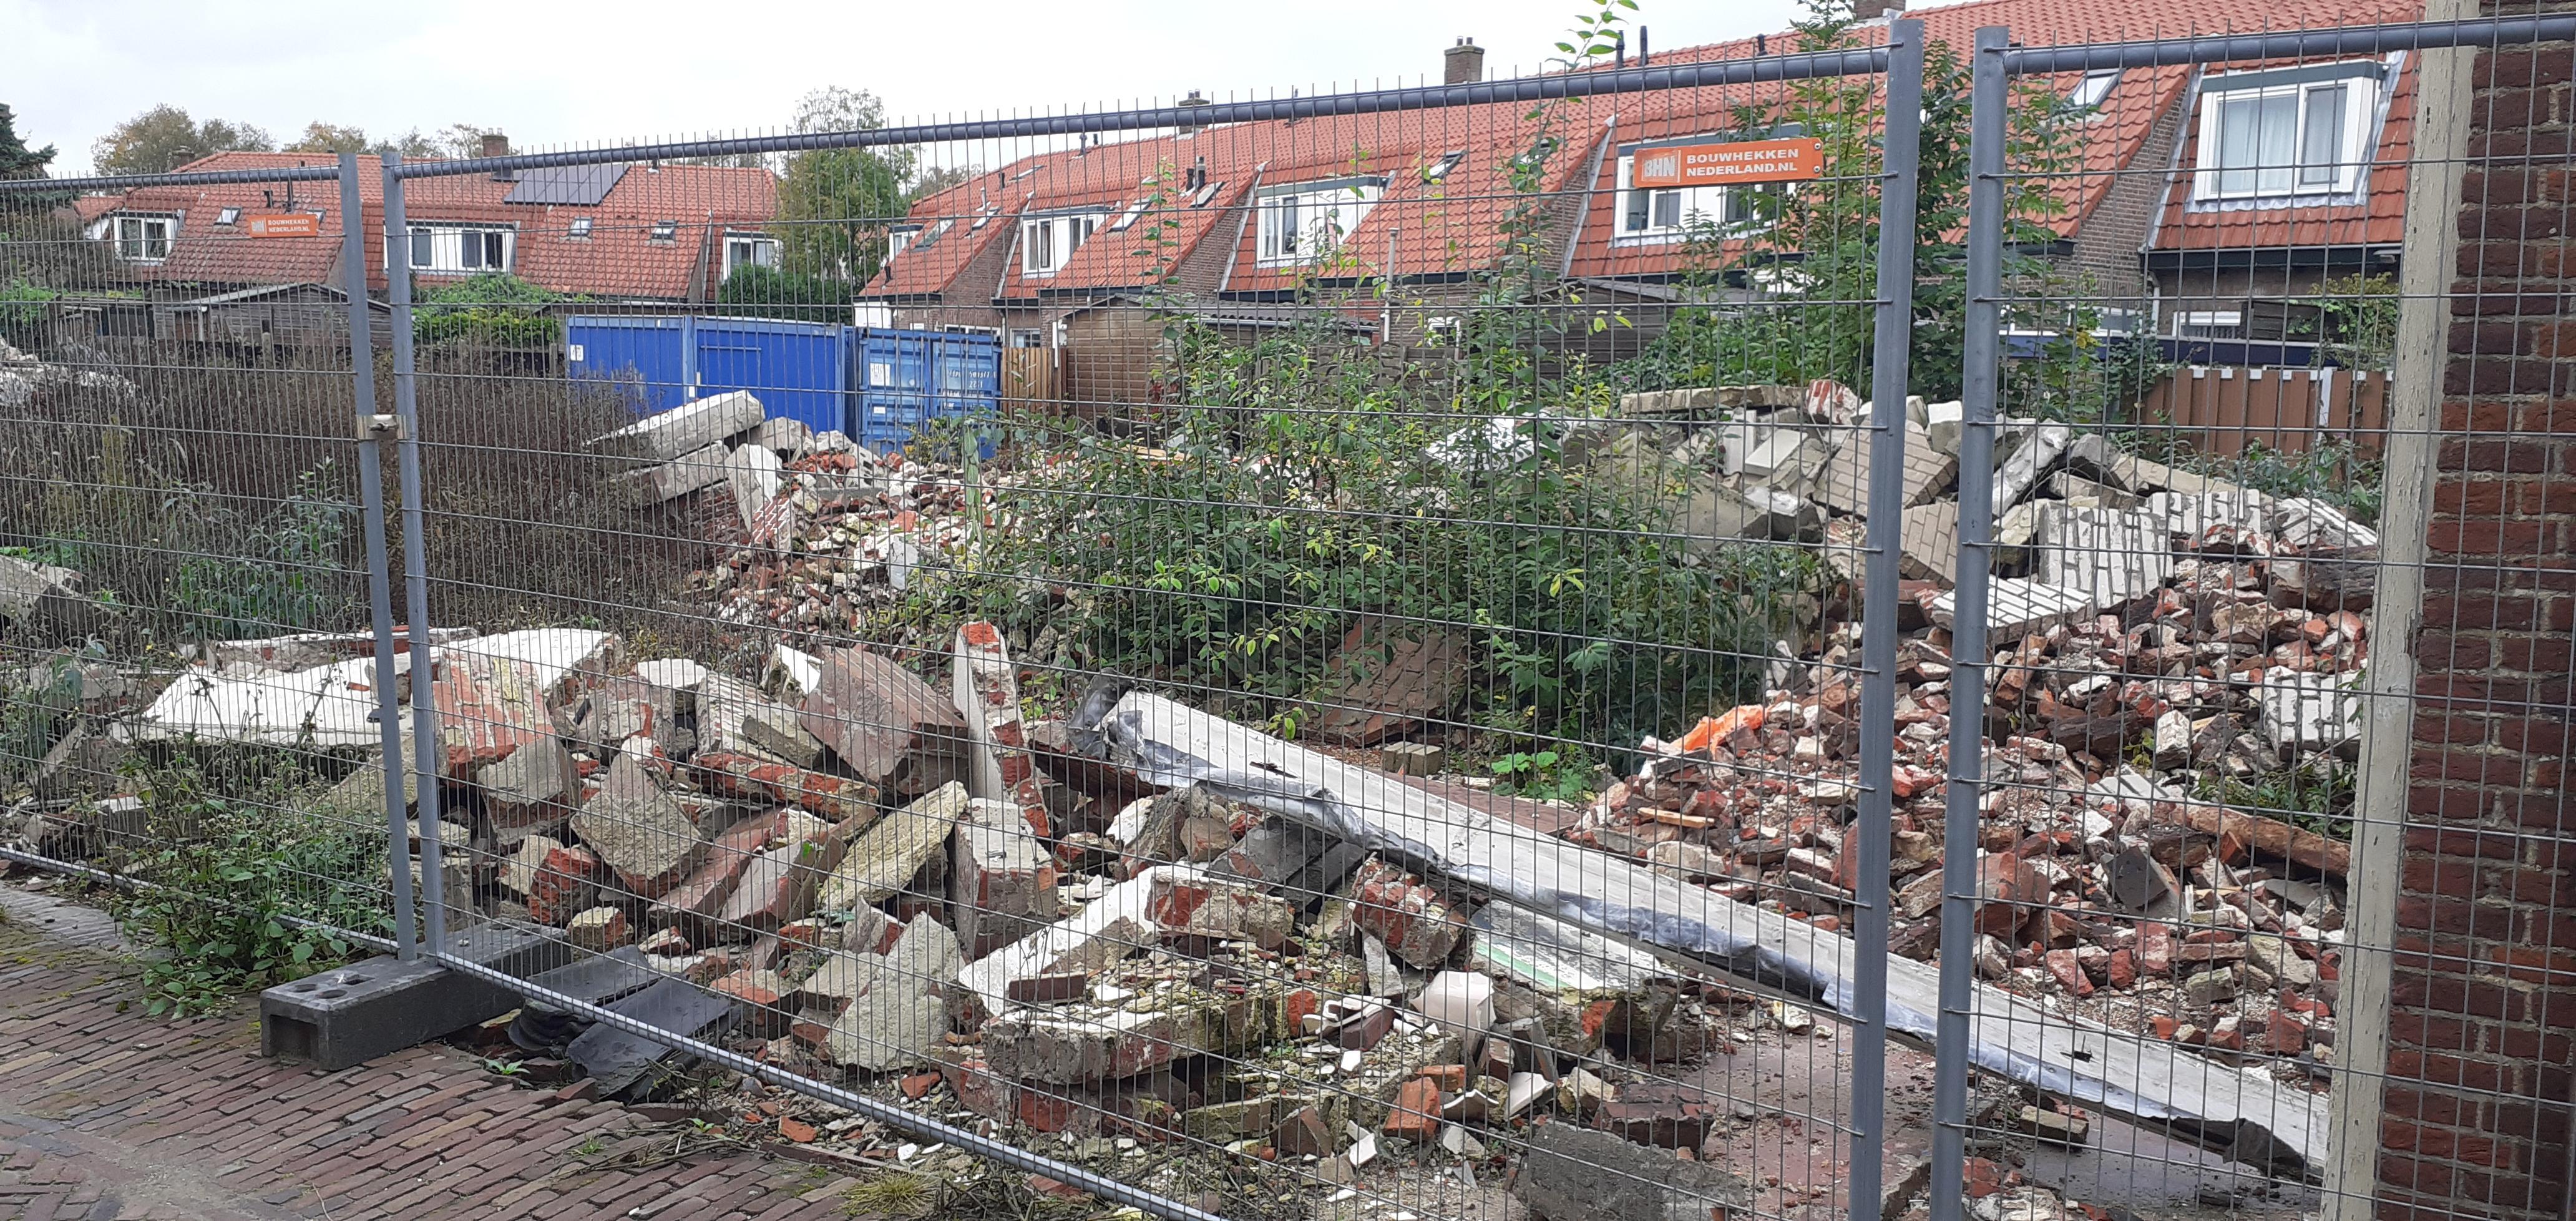 Buurtbewoners Singelstraat in Weesp maken zich niet zo druk om ingestorte muur bij rijksmonumentje. Wél om het puin van de sloop van het pand van aannemer Van Kooten, want dat ligt er al een half jaar